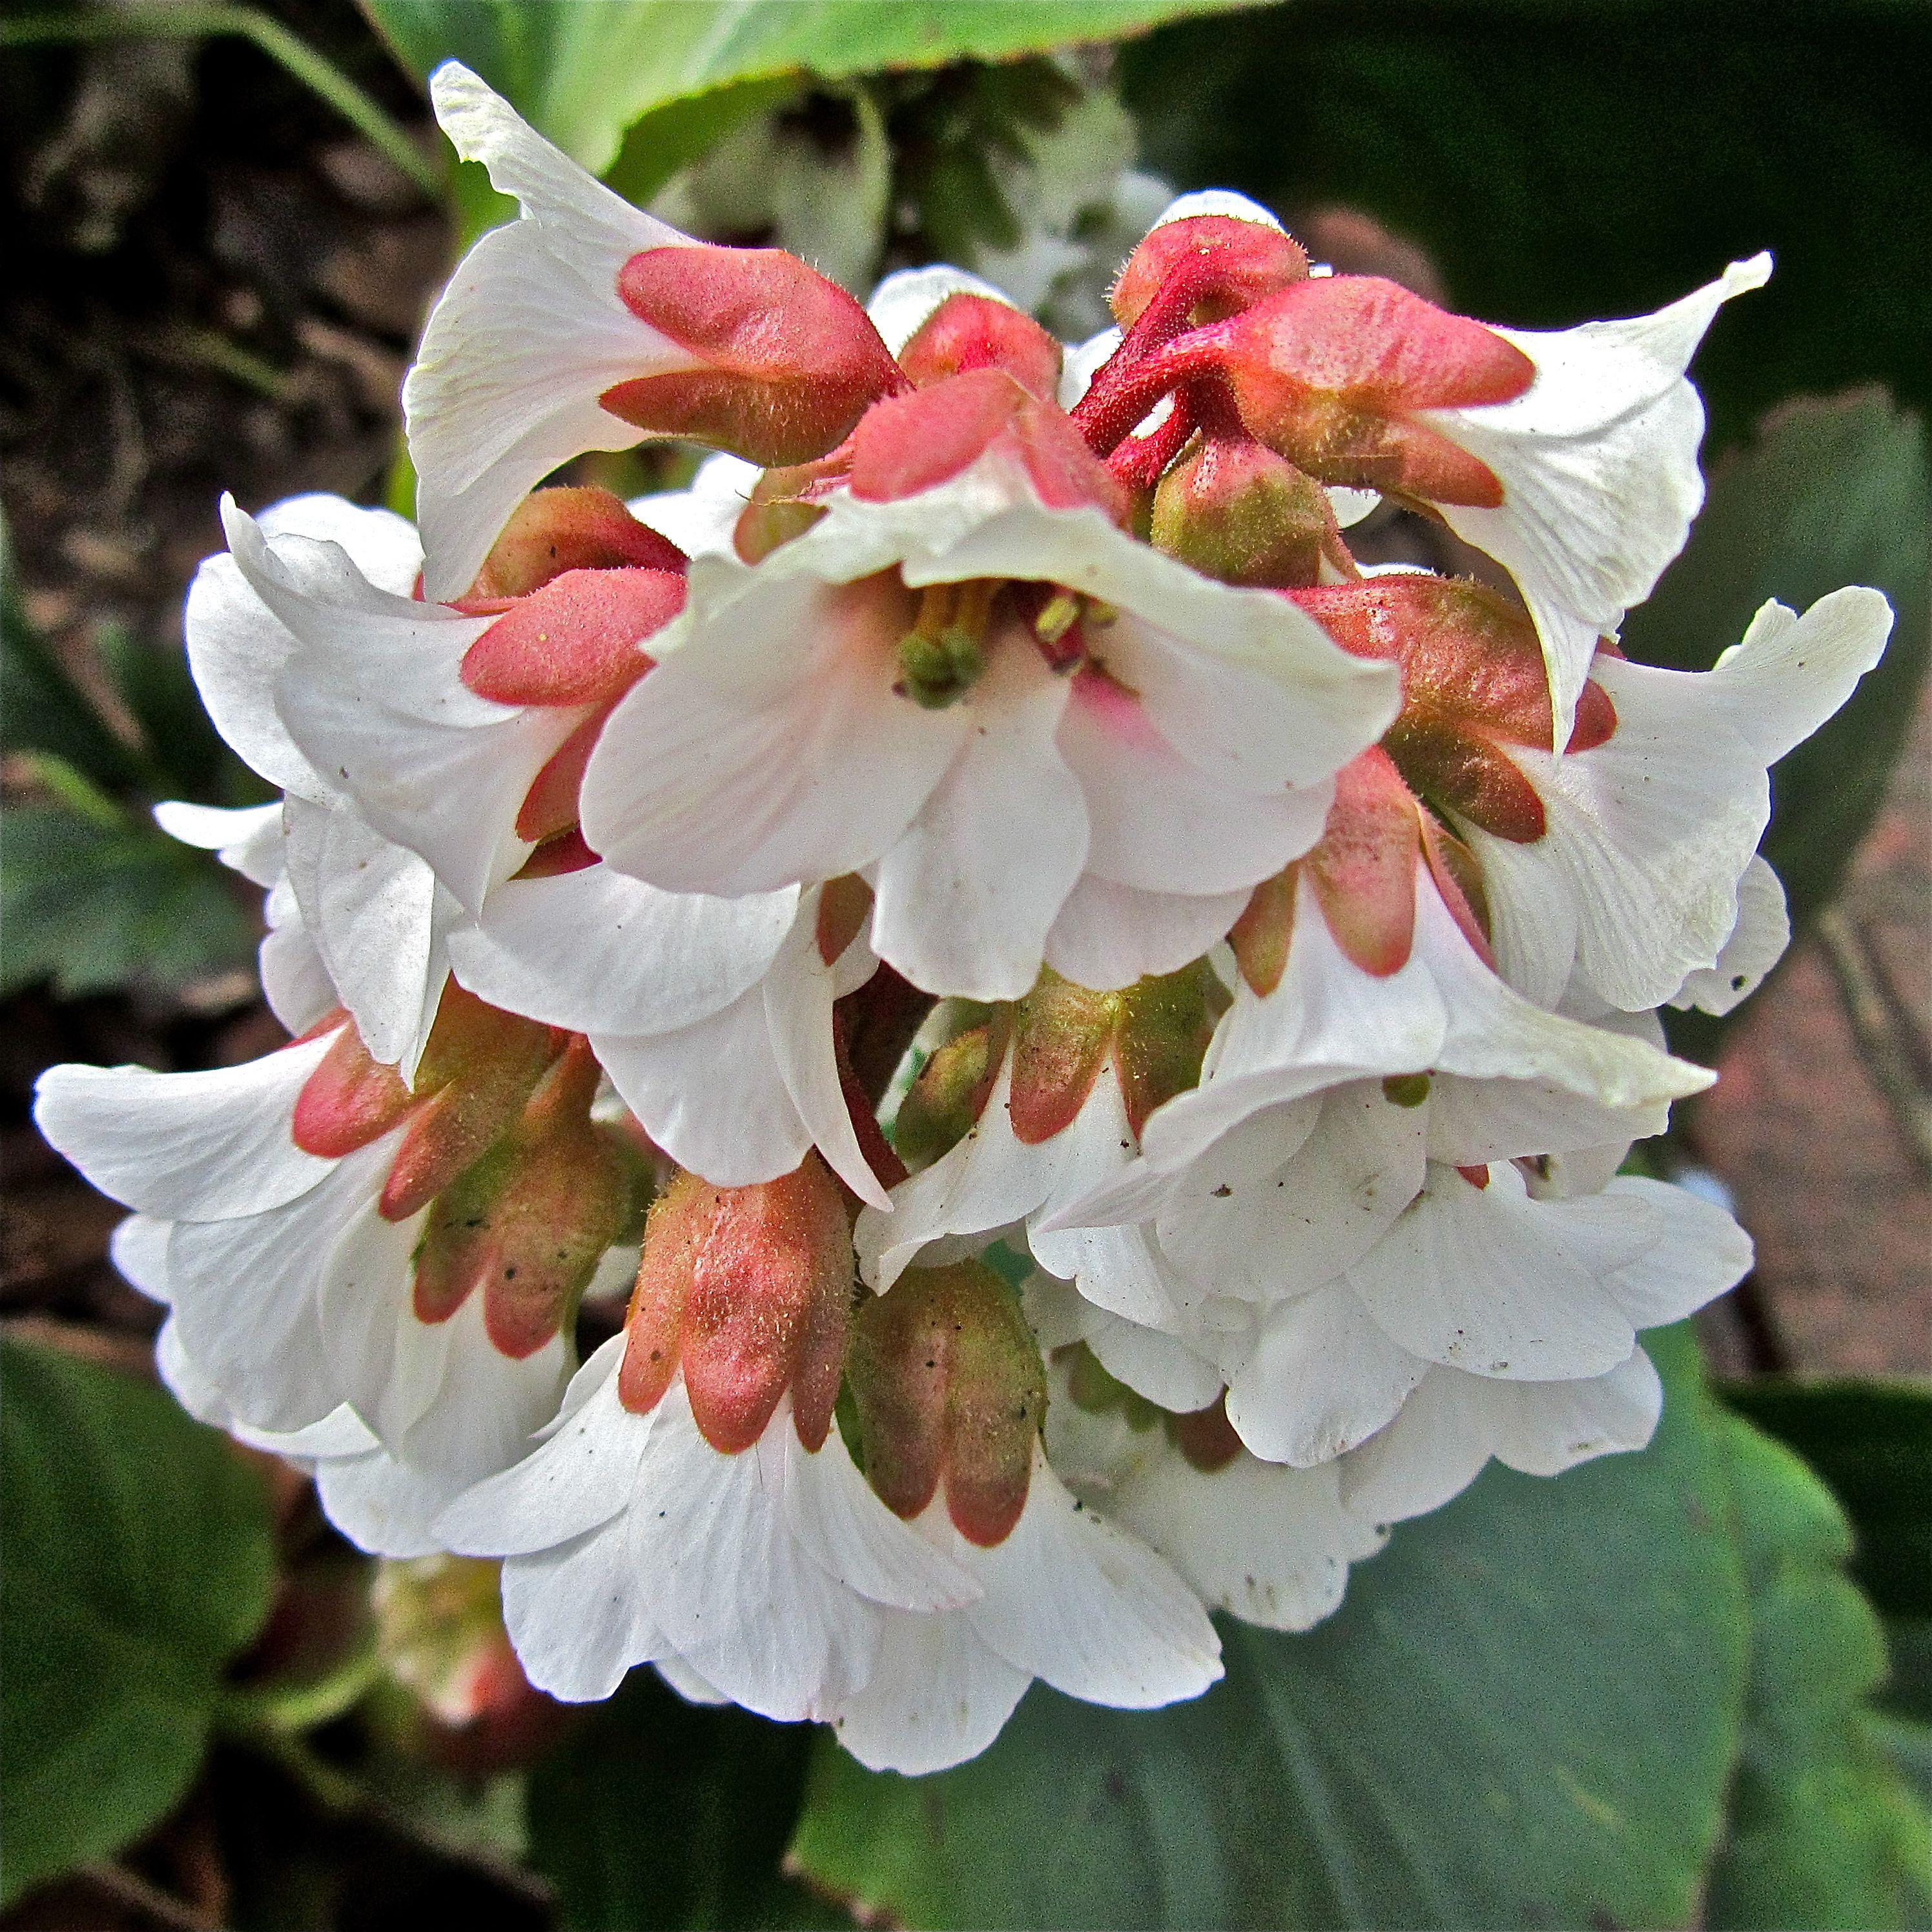 Spring Blooms - Rabbit Free